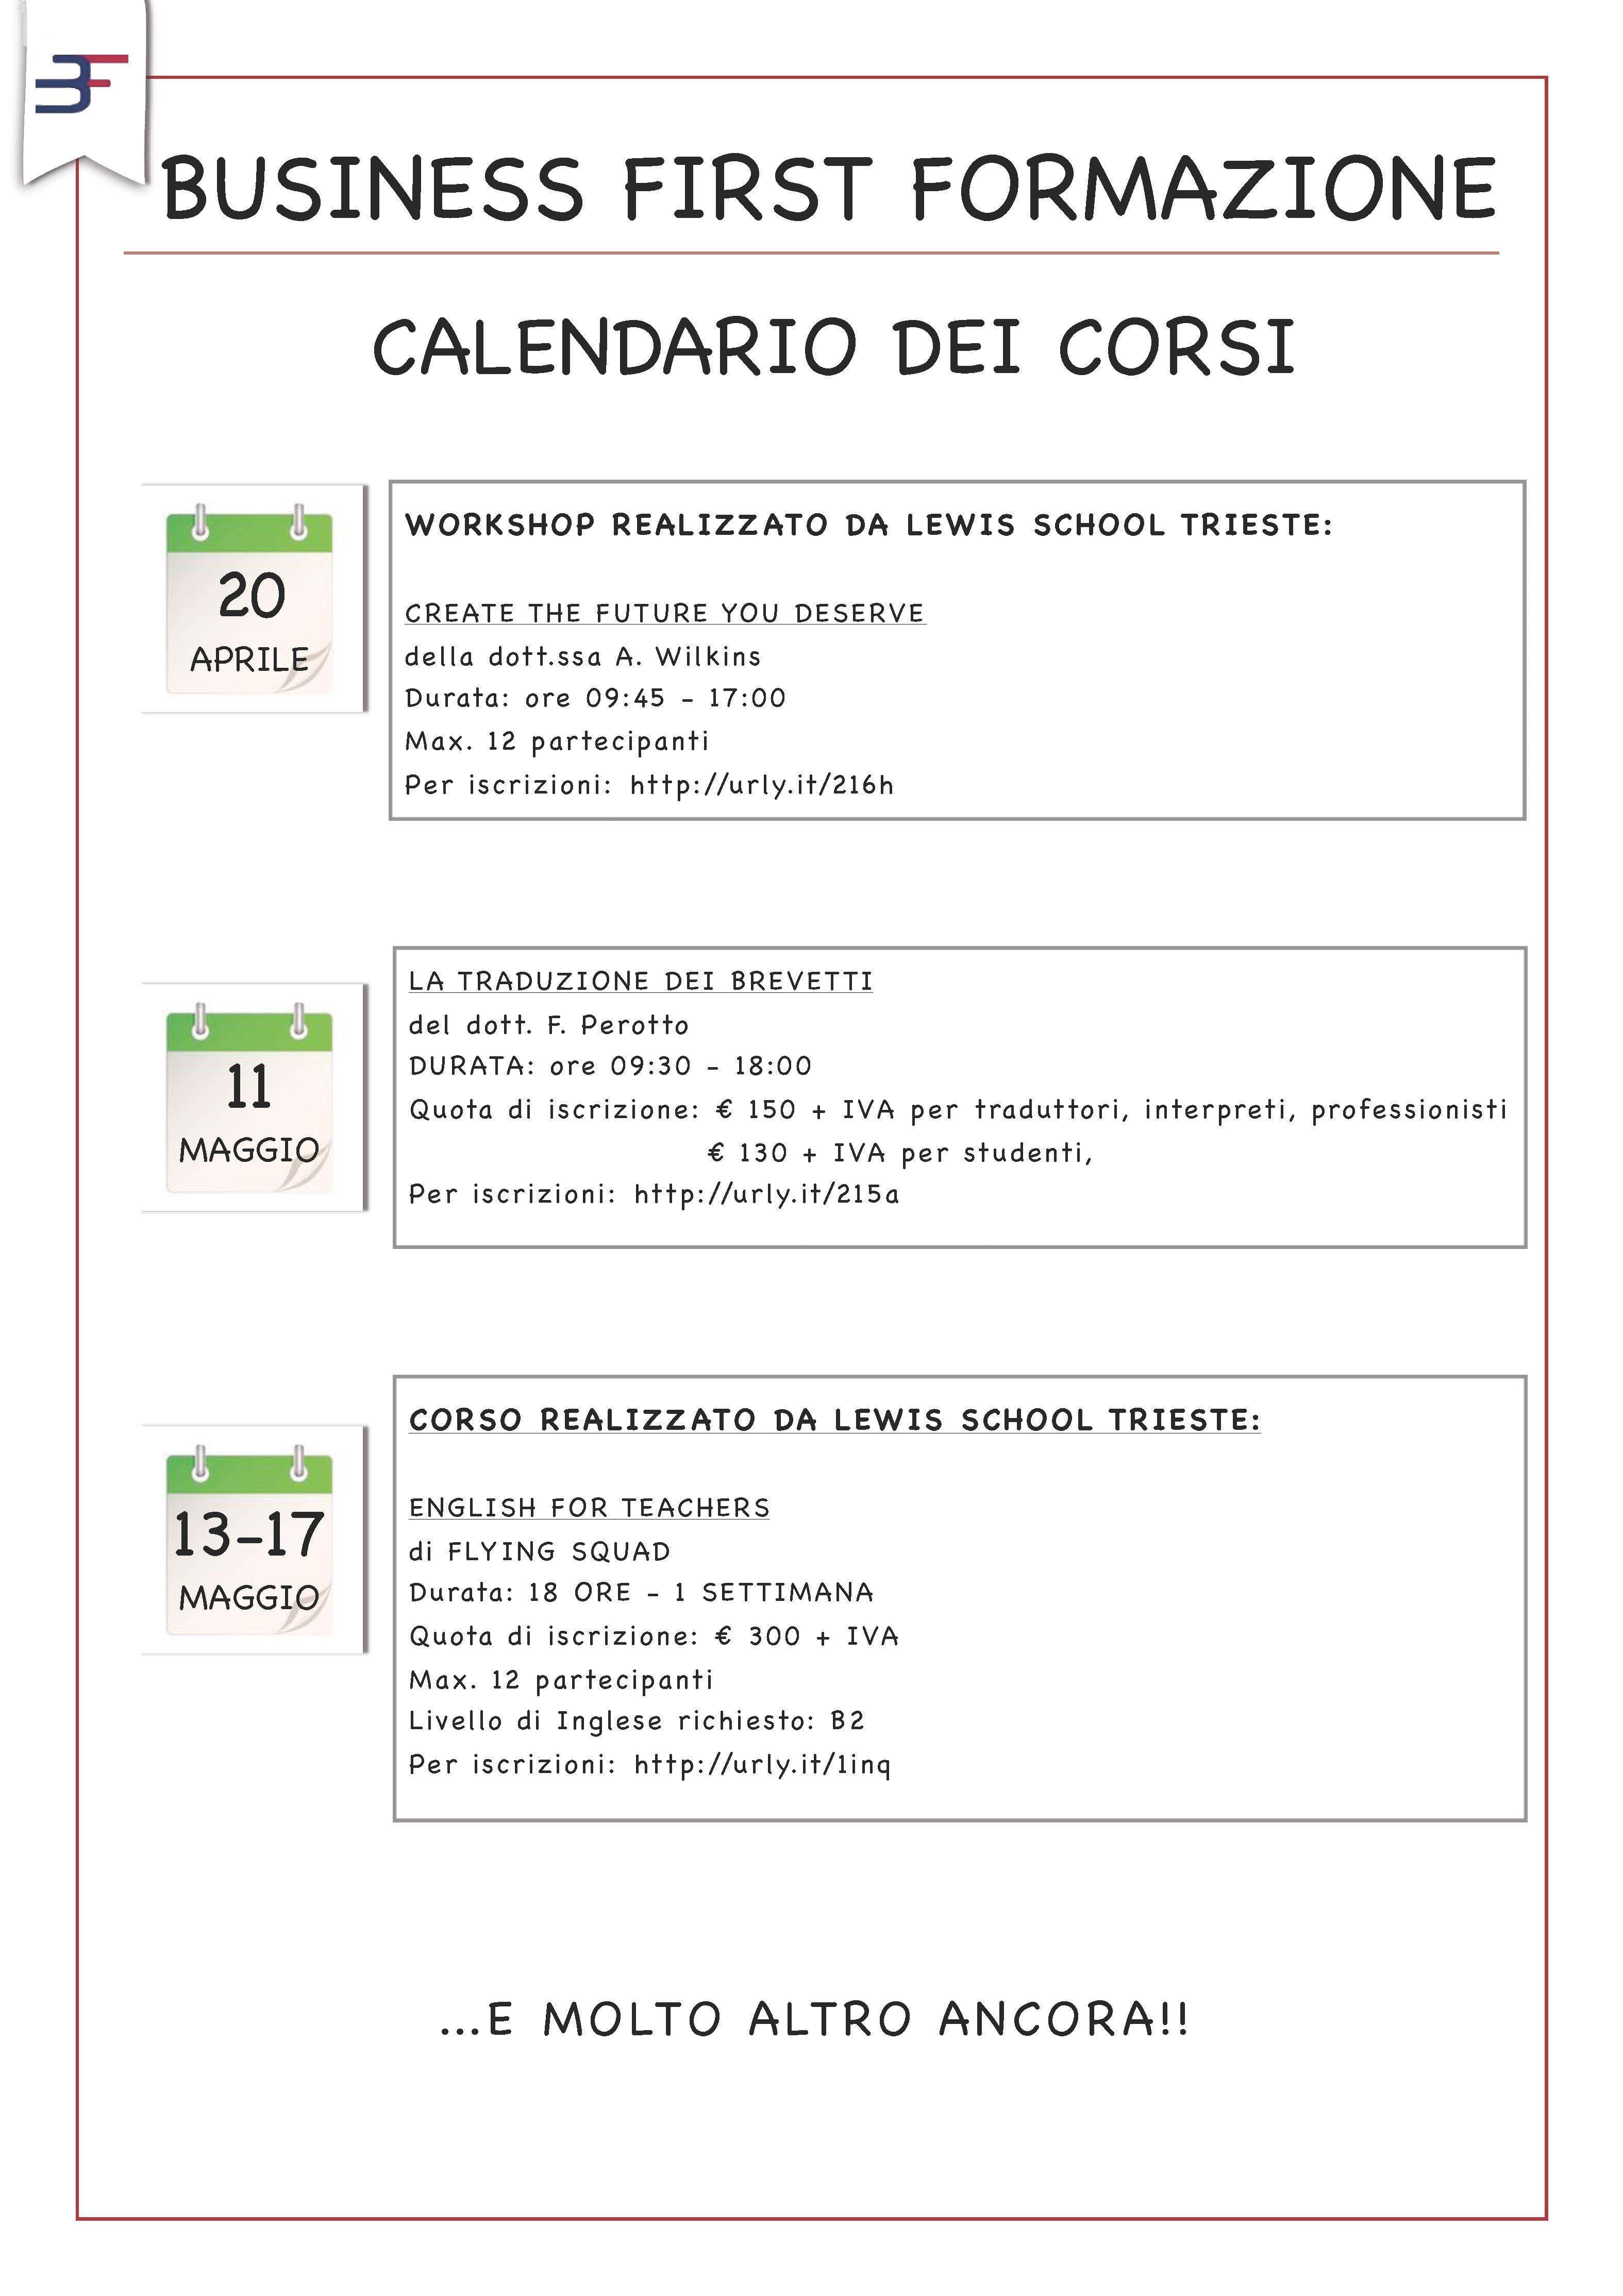 Calendario Traduzione Inglese.Il Nuovo Calendario Dei Corsi Translation Calendario